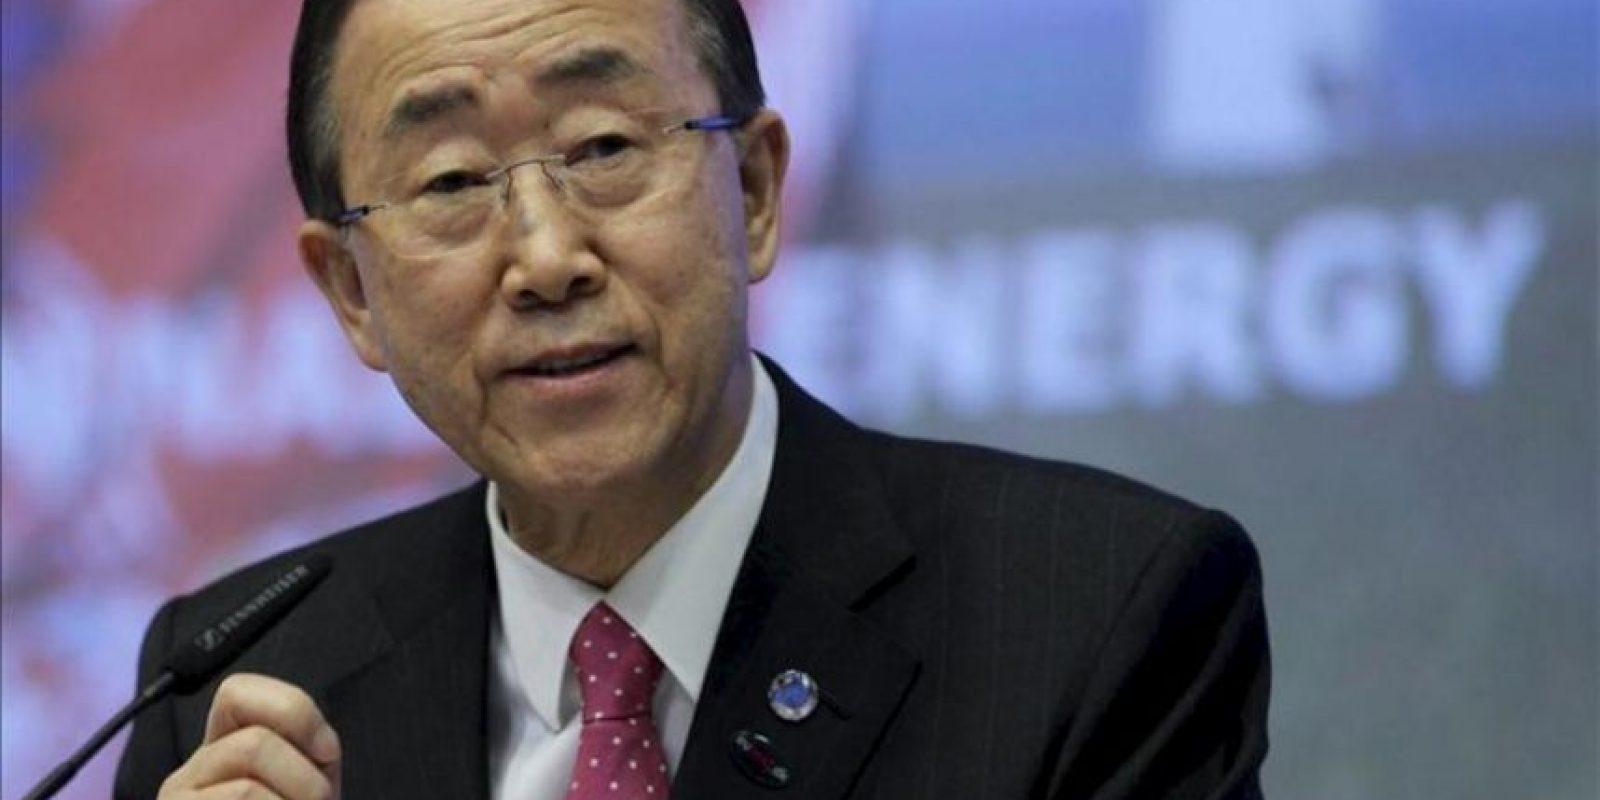 El secretario general de Naciones Unidas, Ban Ki-moon, interviene durante la Cumbre de Energía Sostenible que se celebra en Bruselas (Bélgica). EFE